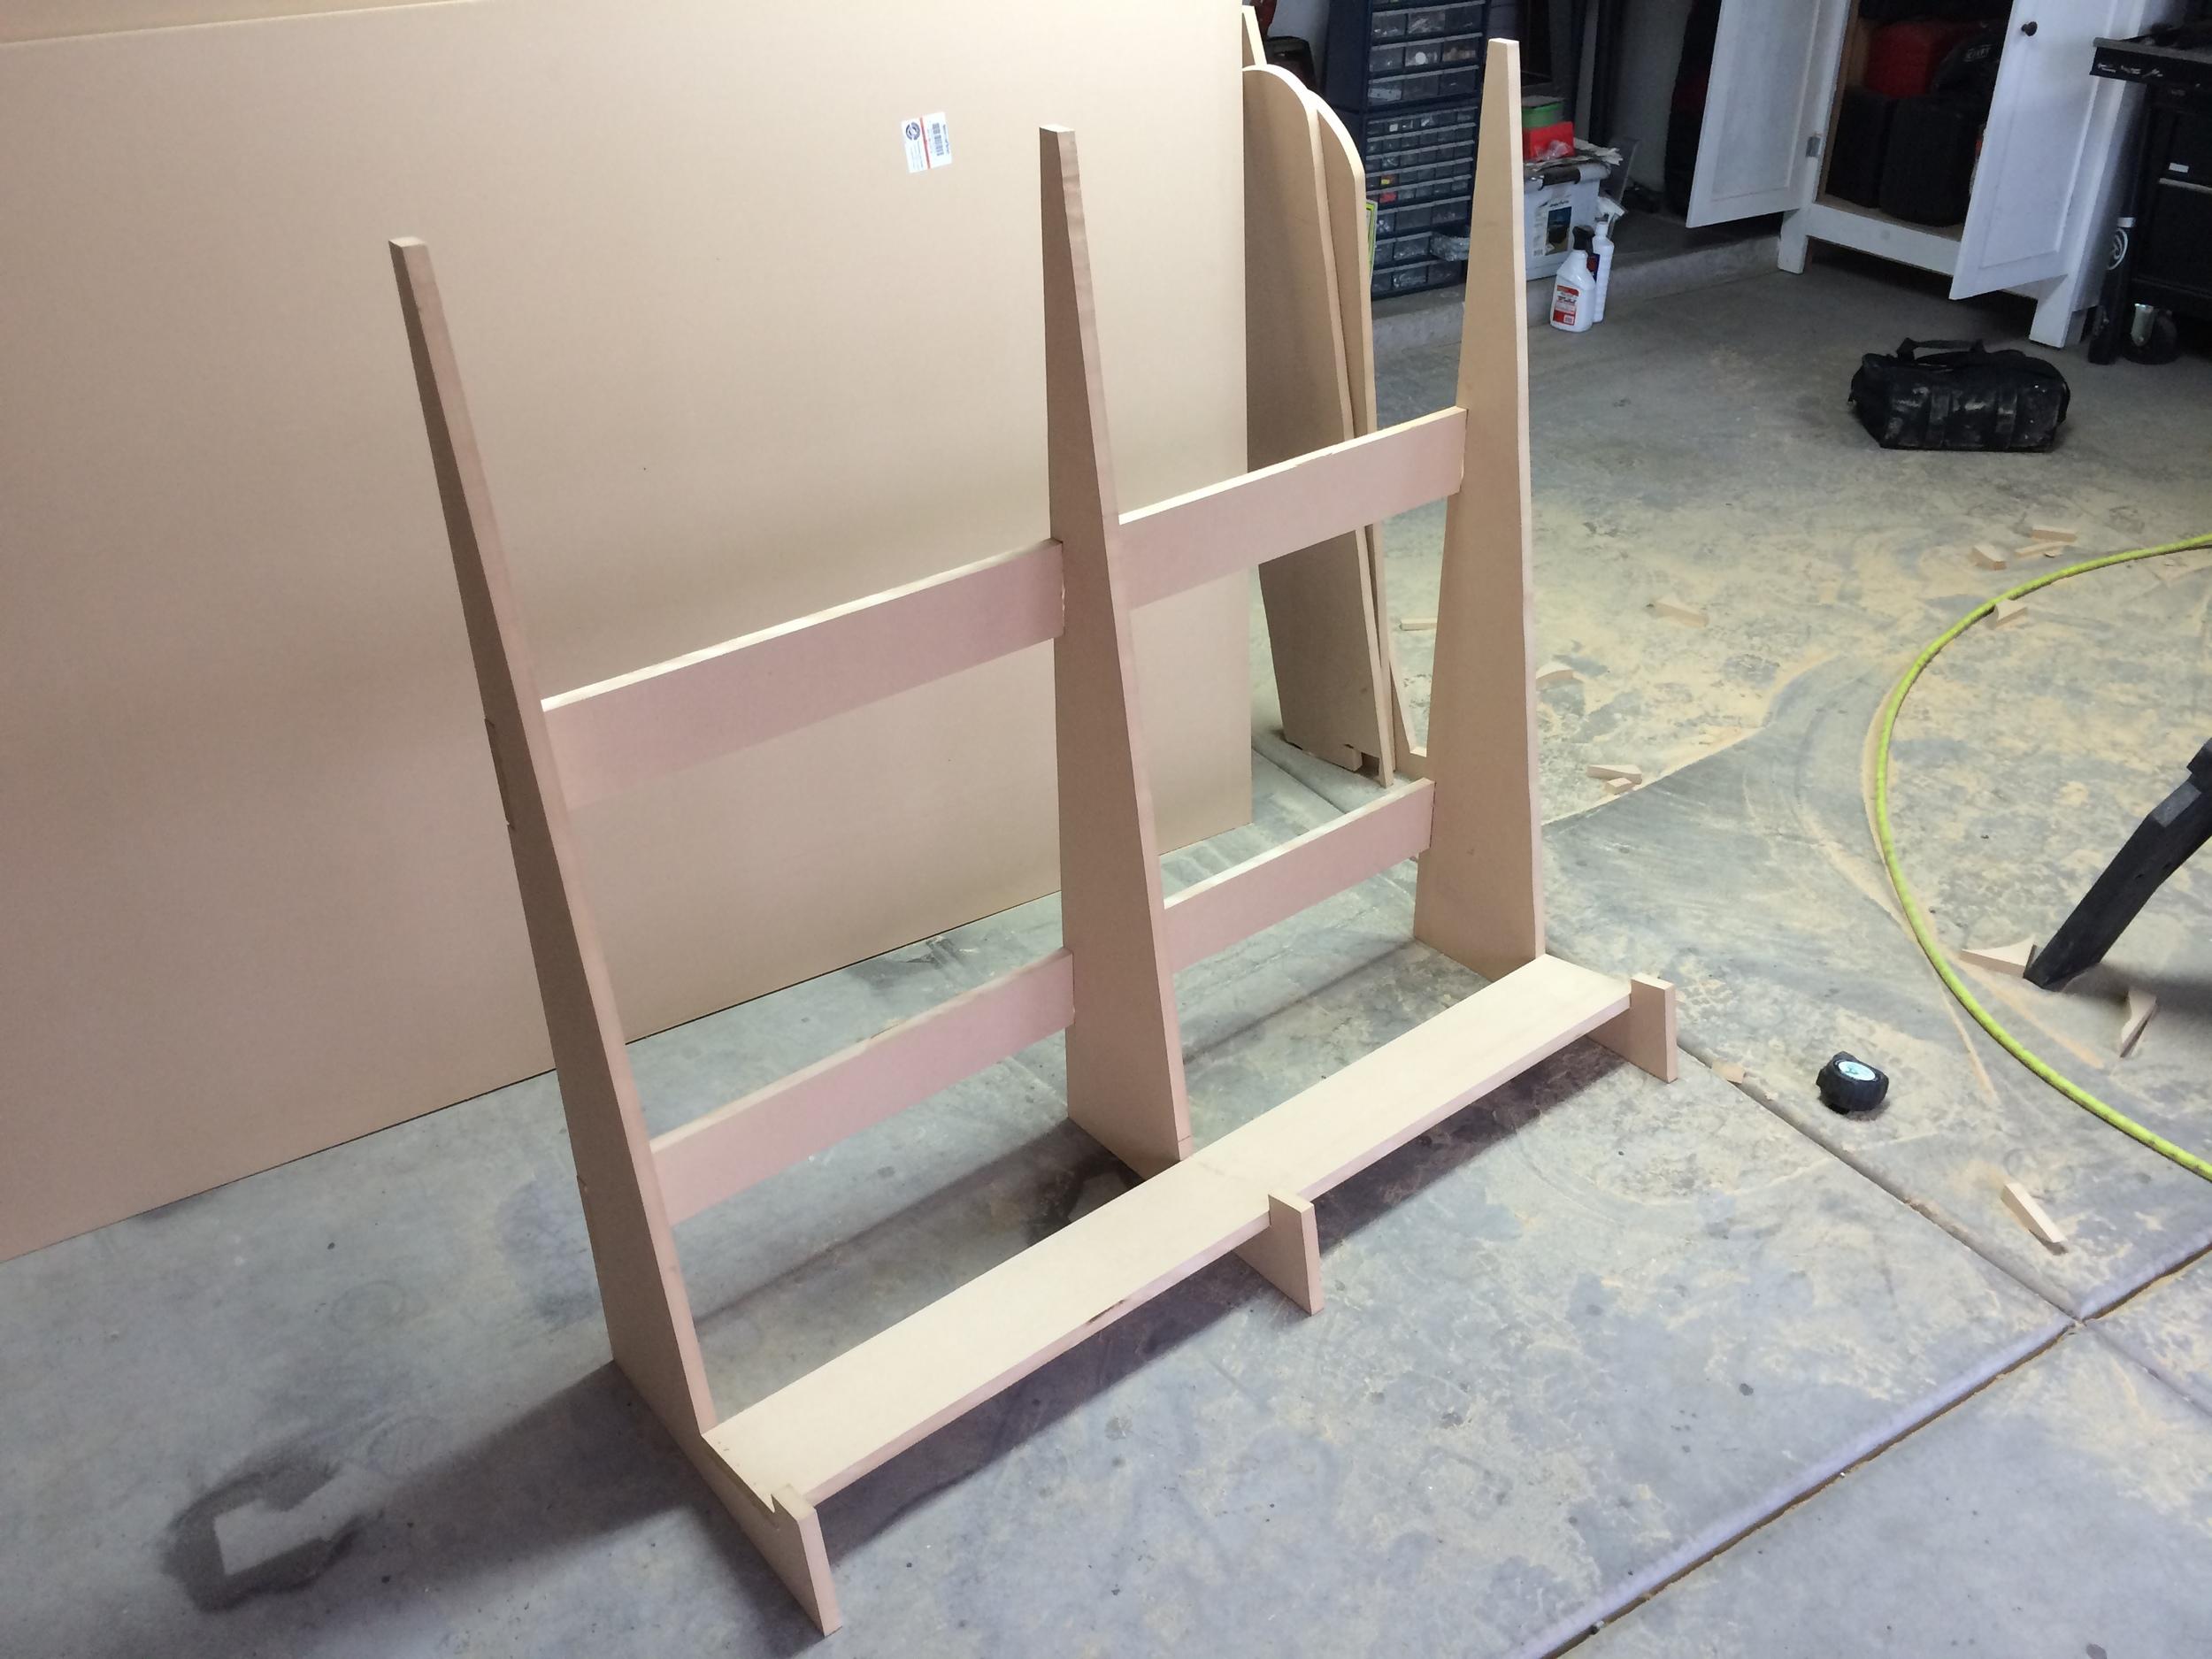 4'x8' panel holder for garage